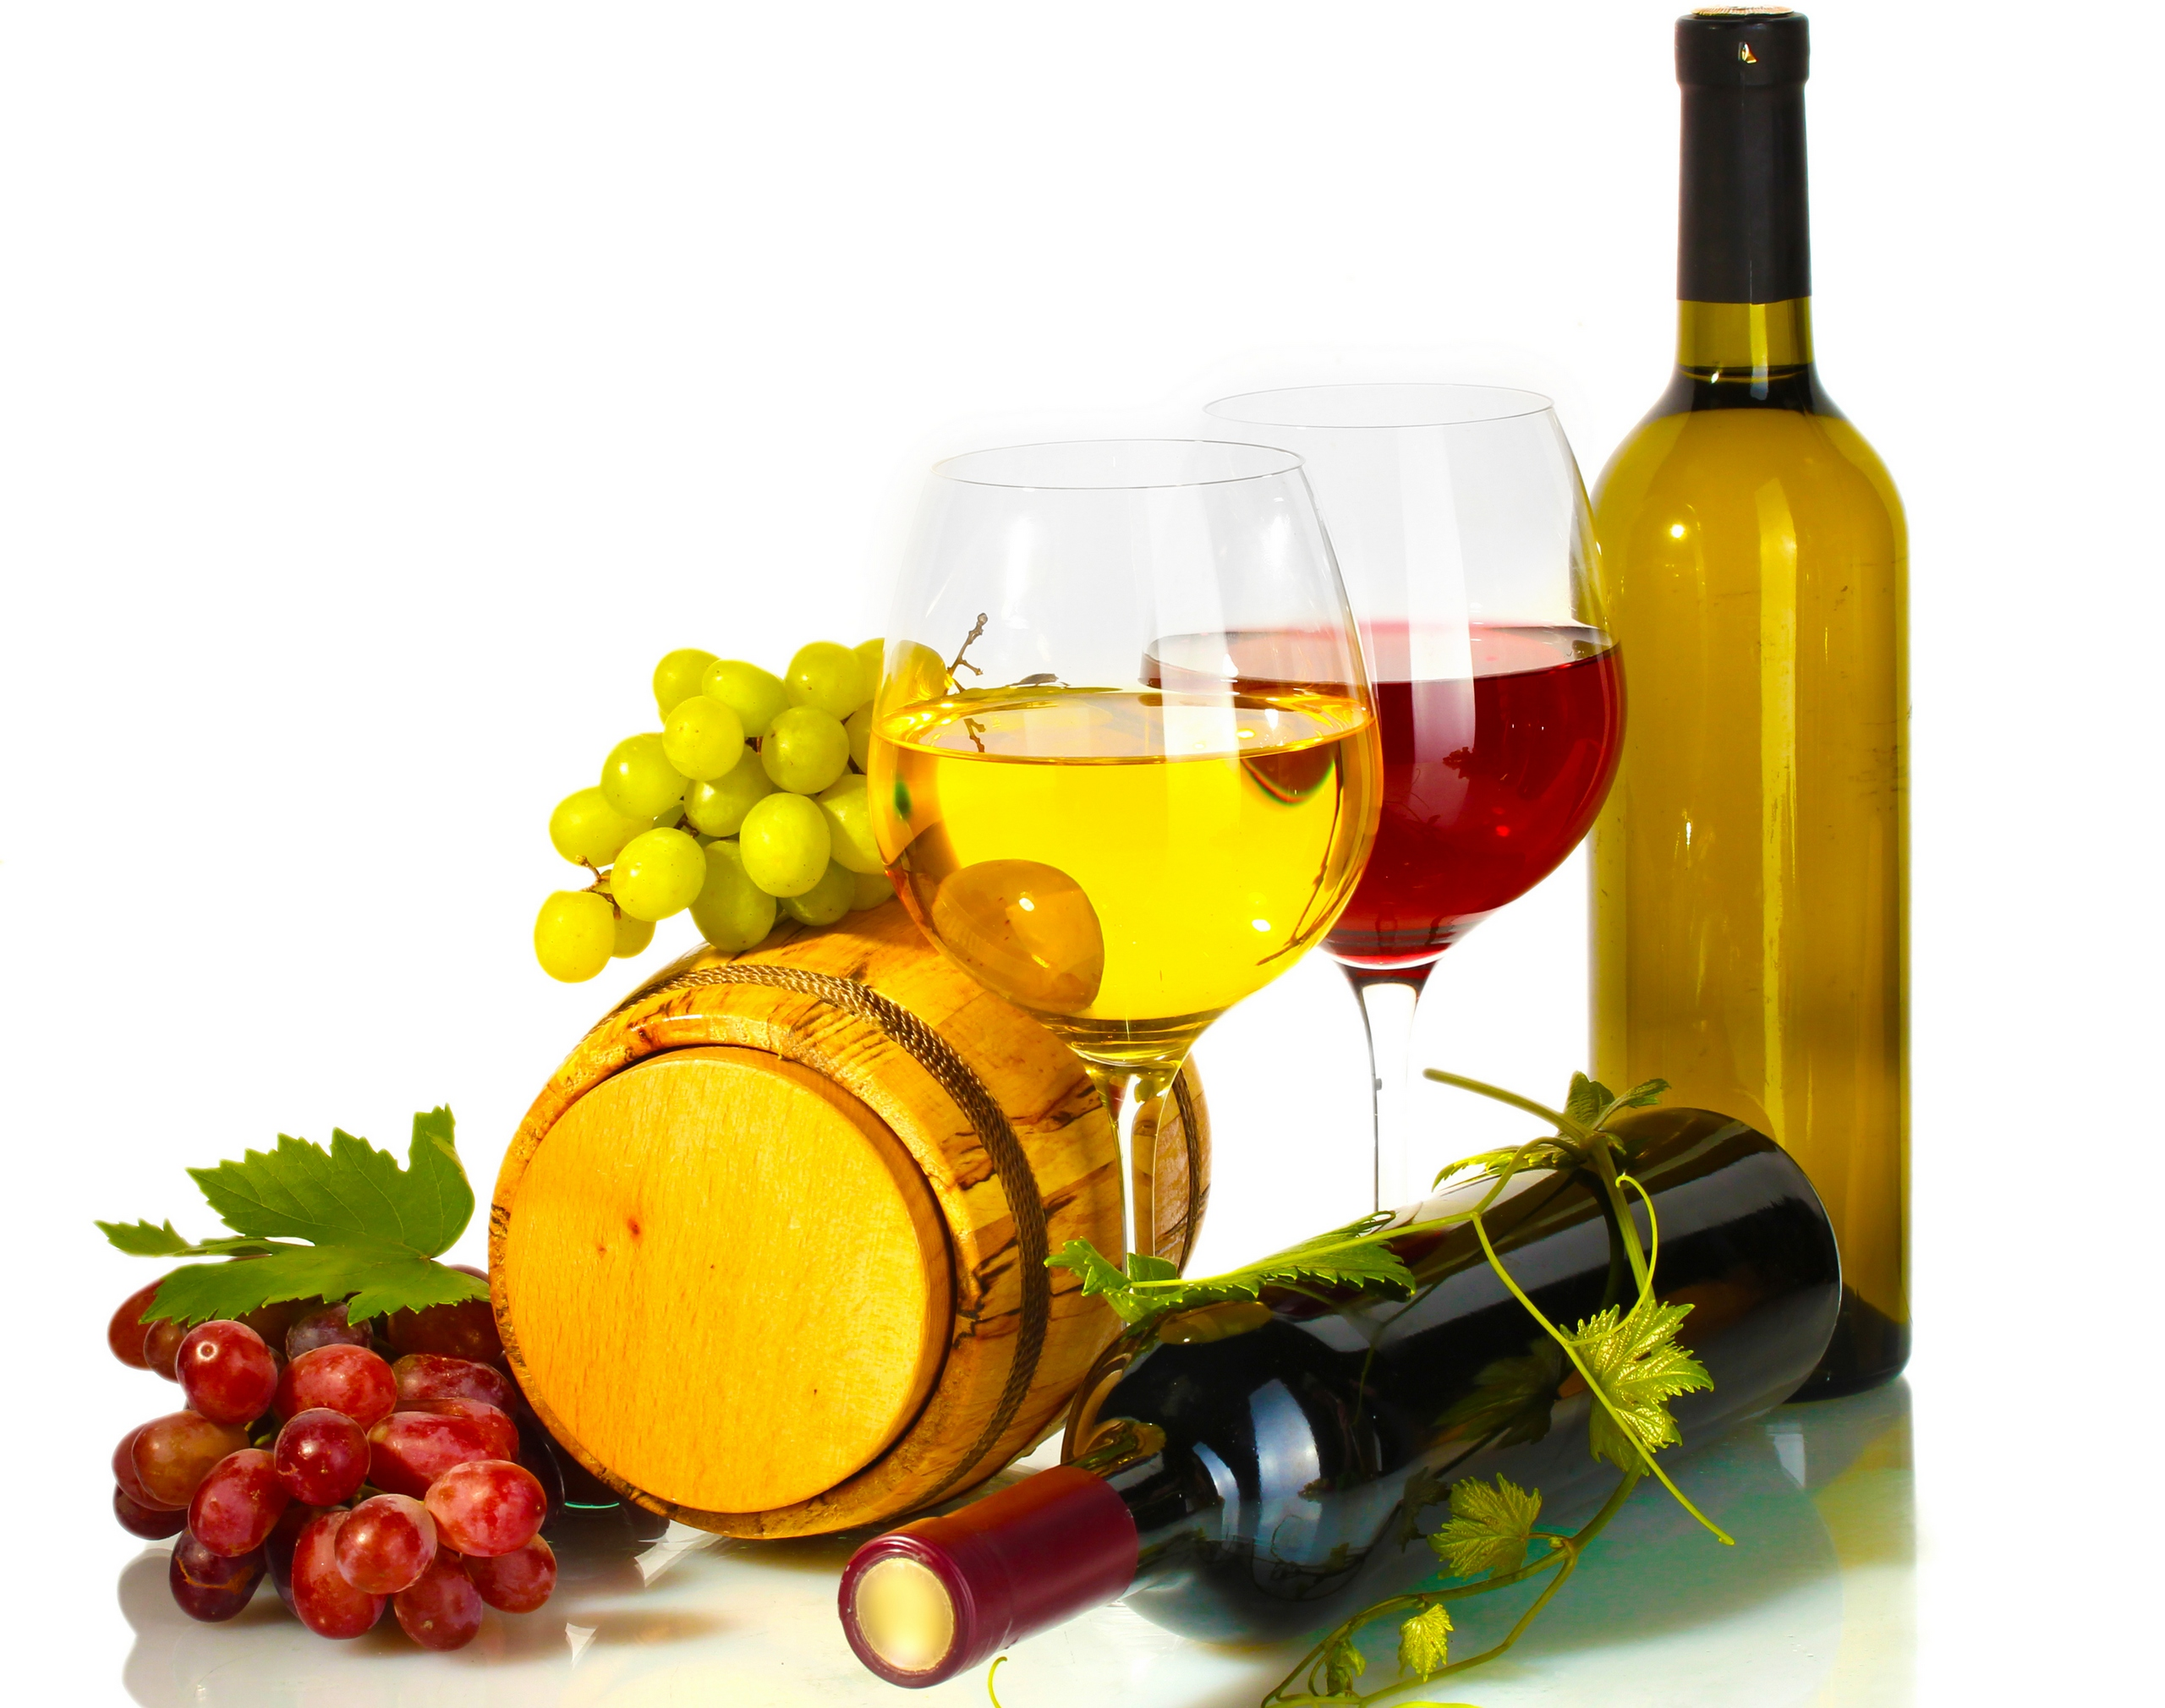 виноград и светлое белое вино, бокал вина, скачать фото, натюрморт, обои на рабочий стол